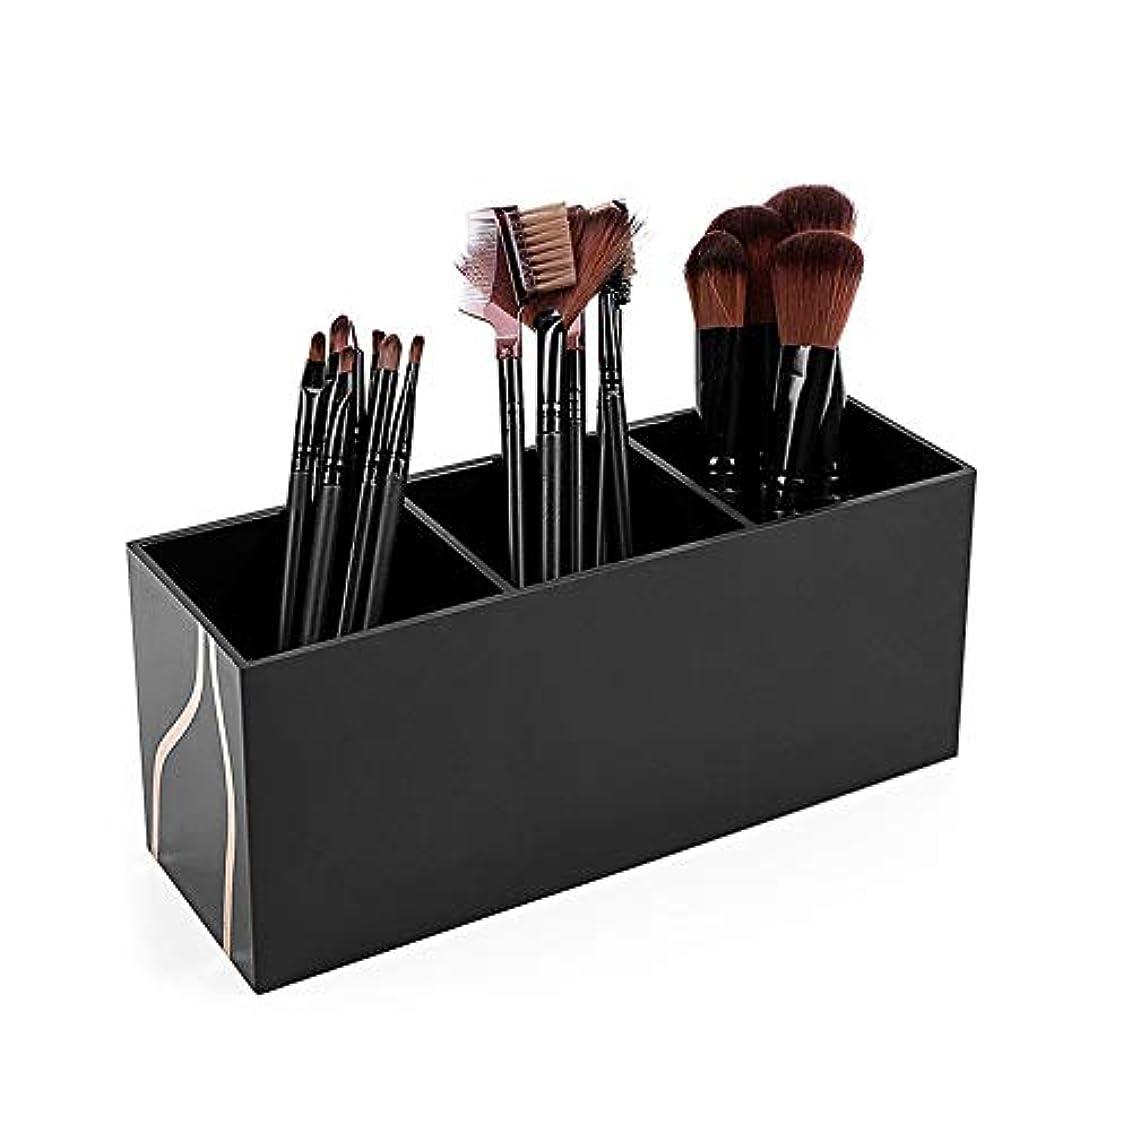 差し控える傾く固有の整理簡単 シンプルなブラシホルダーアクリル化粧オーガナイザー化粧品収納ケーススタンド用メイクアップブラシ (Color : Black, Size : 20*8.7*7cm)